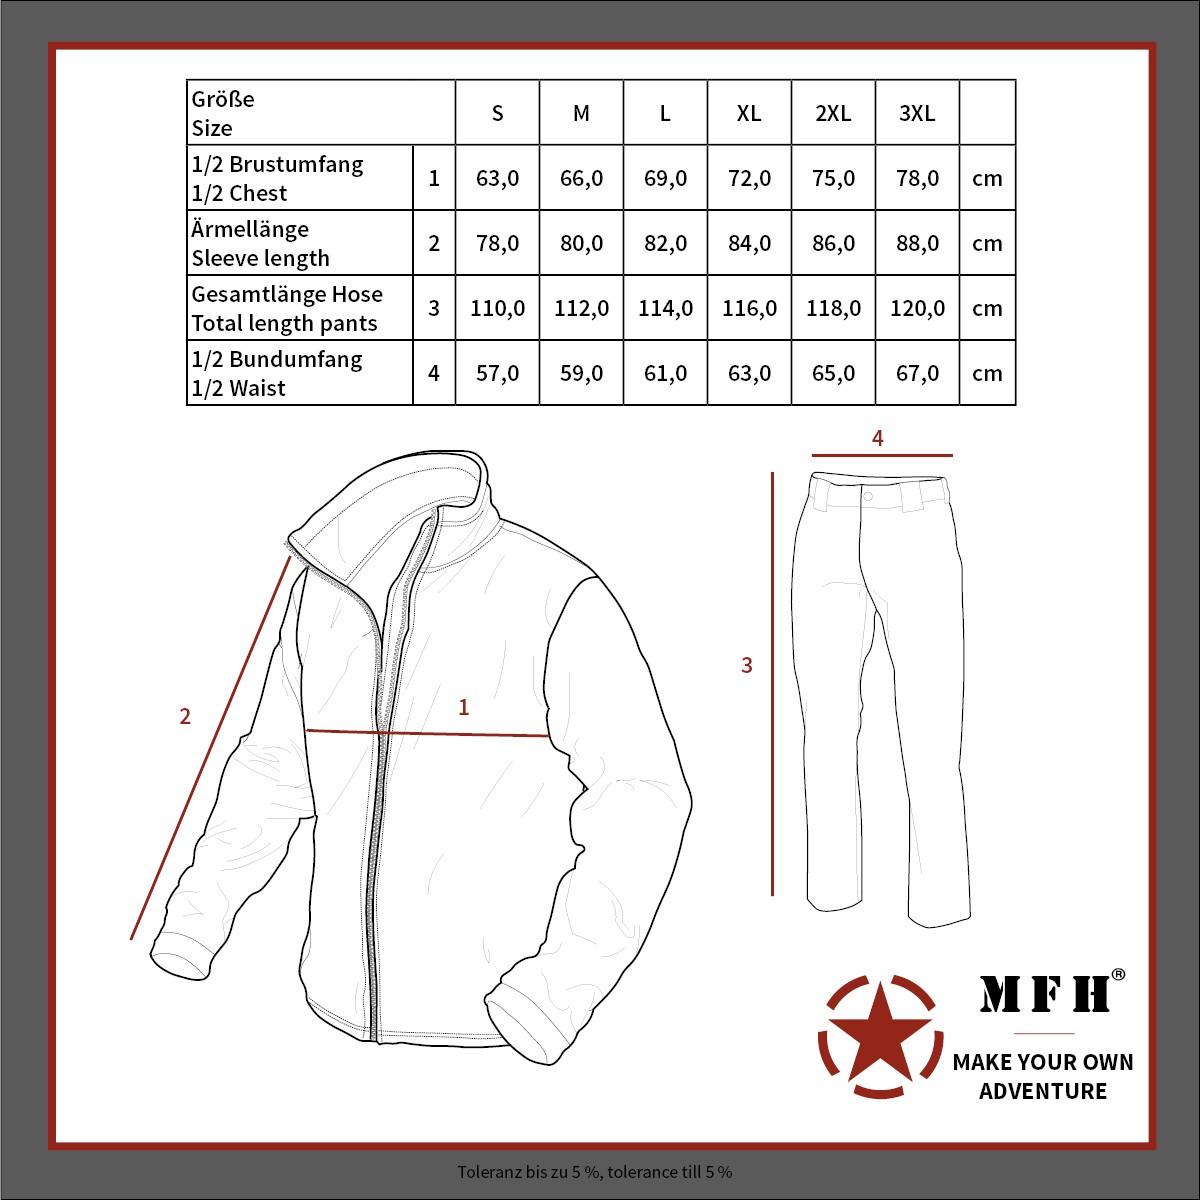 Замеры костюмов MFH